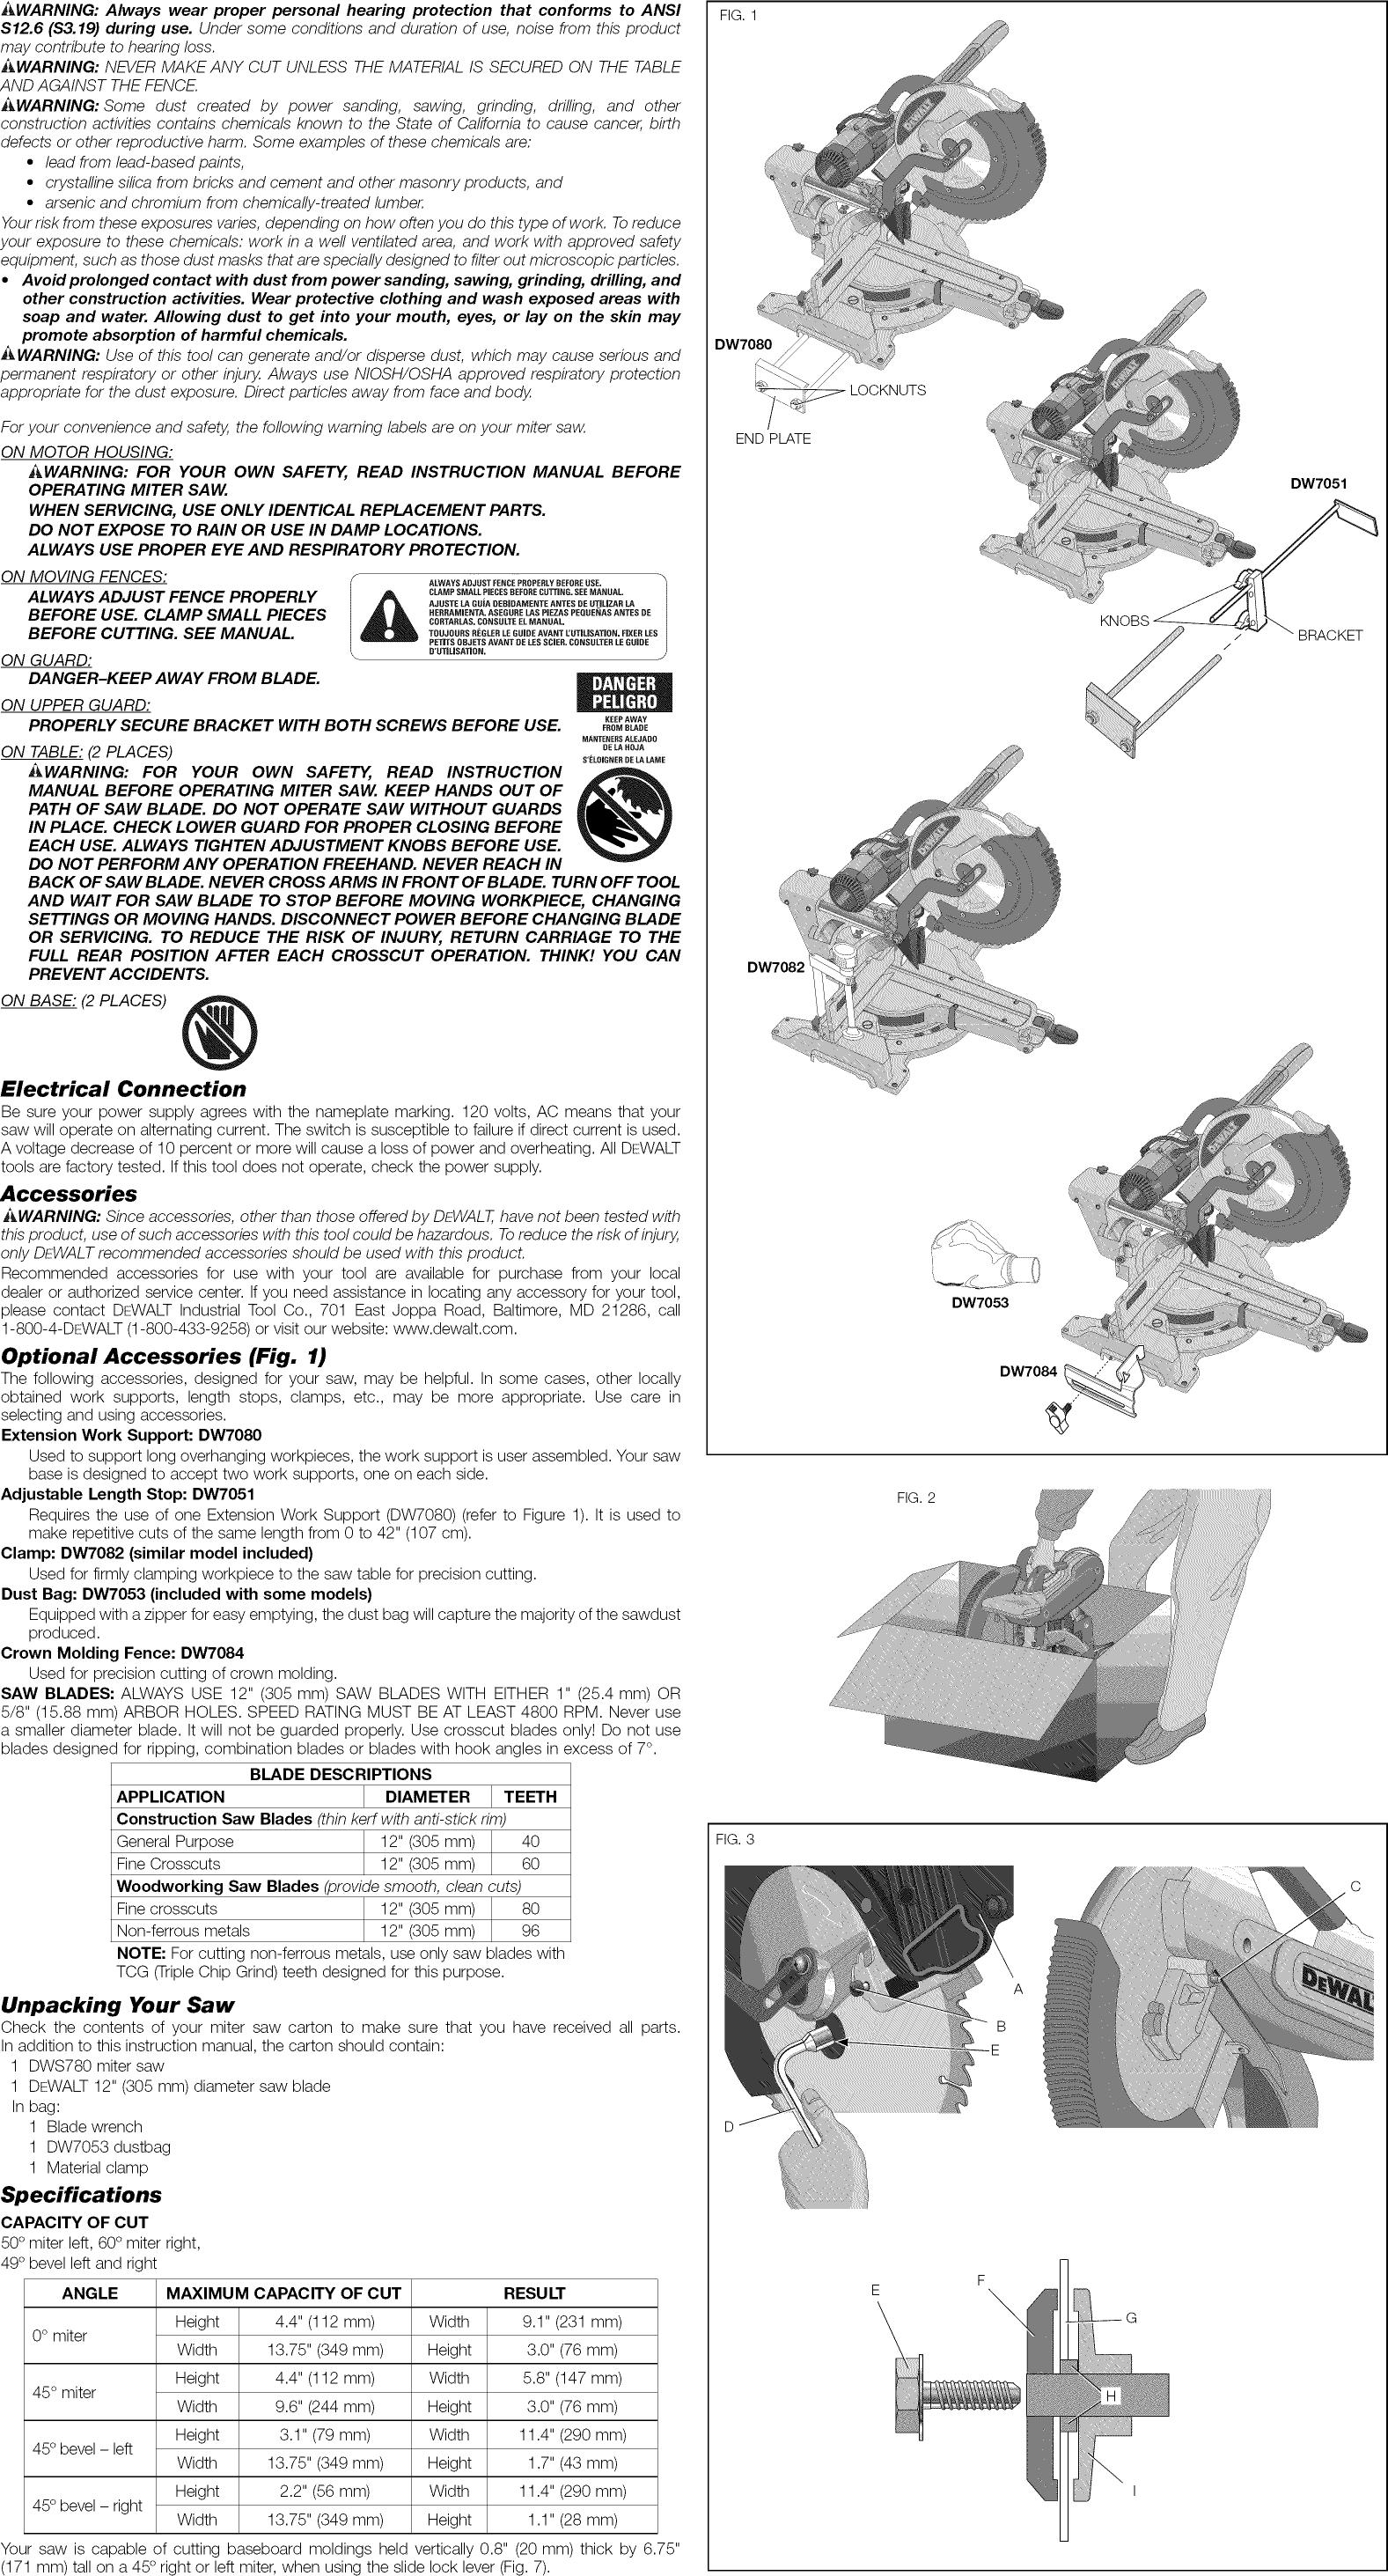 Dewalt Tool Manuals